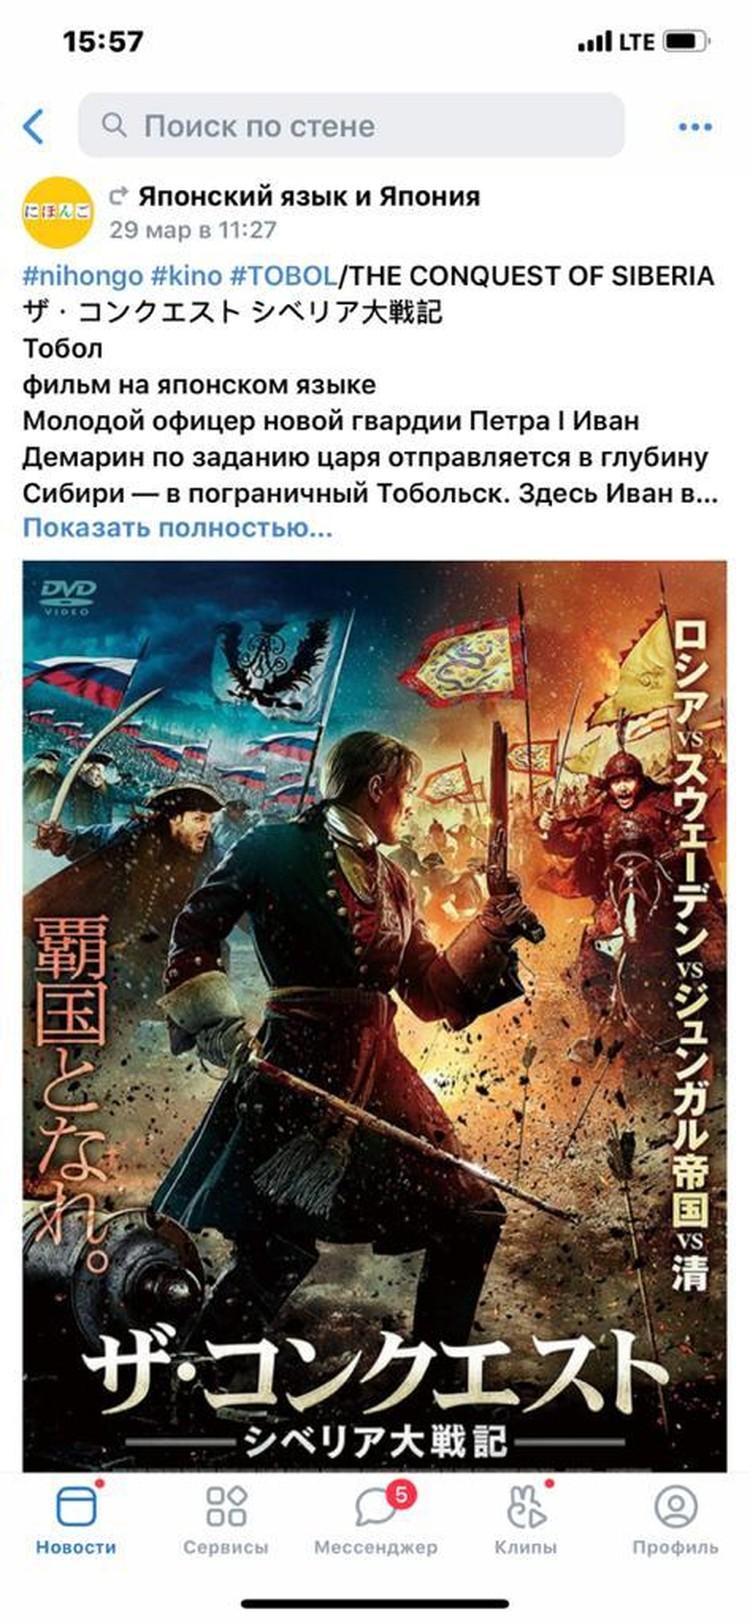 """Фильм """"Тобол"""" вышел в Японии. Фото предоставлено Kp.ru"""